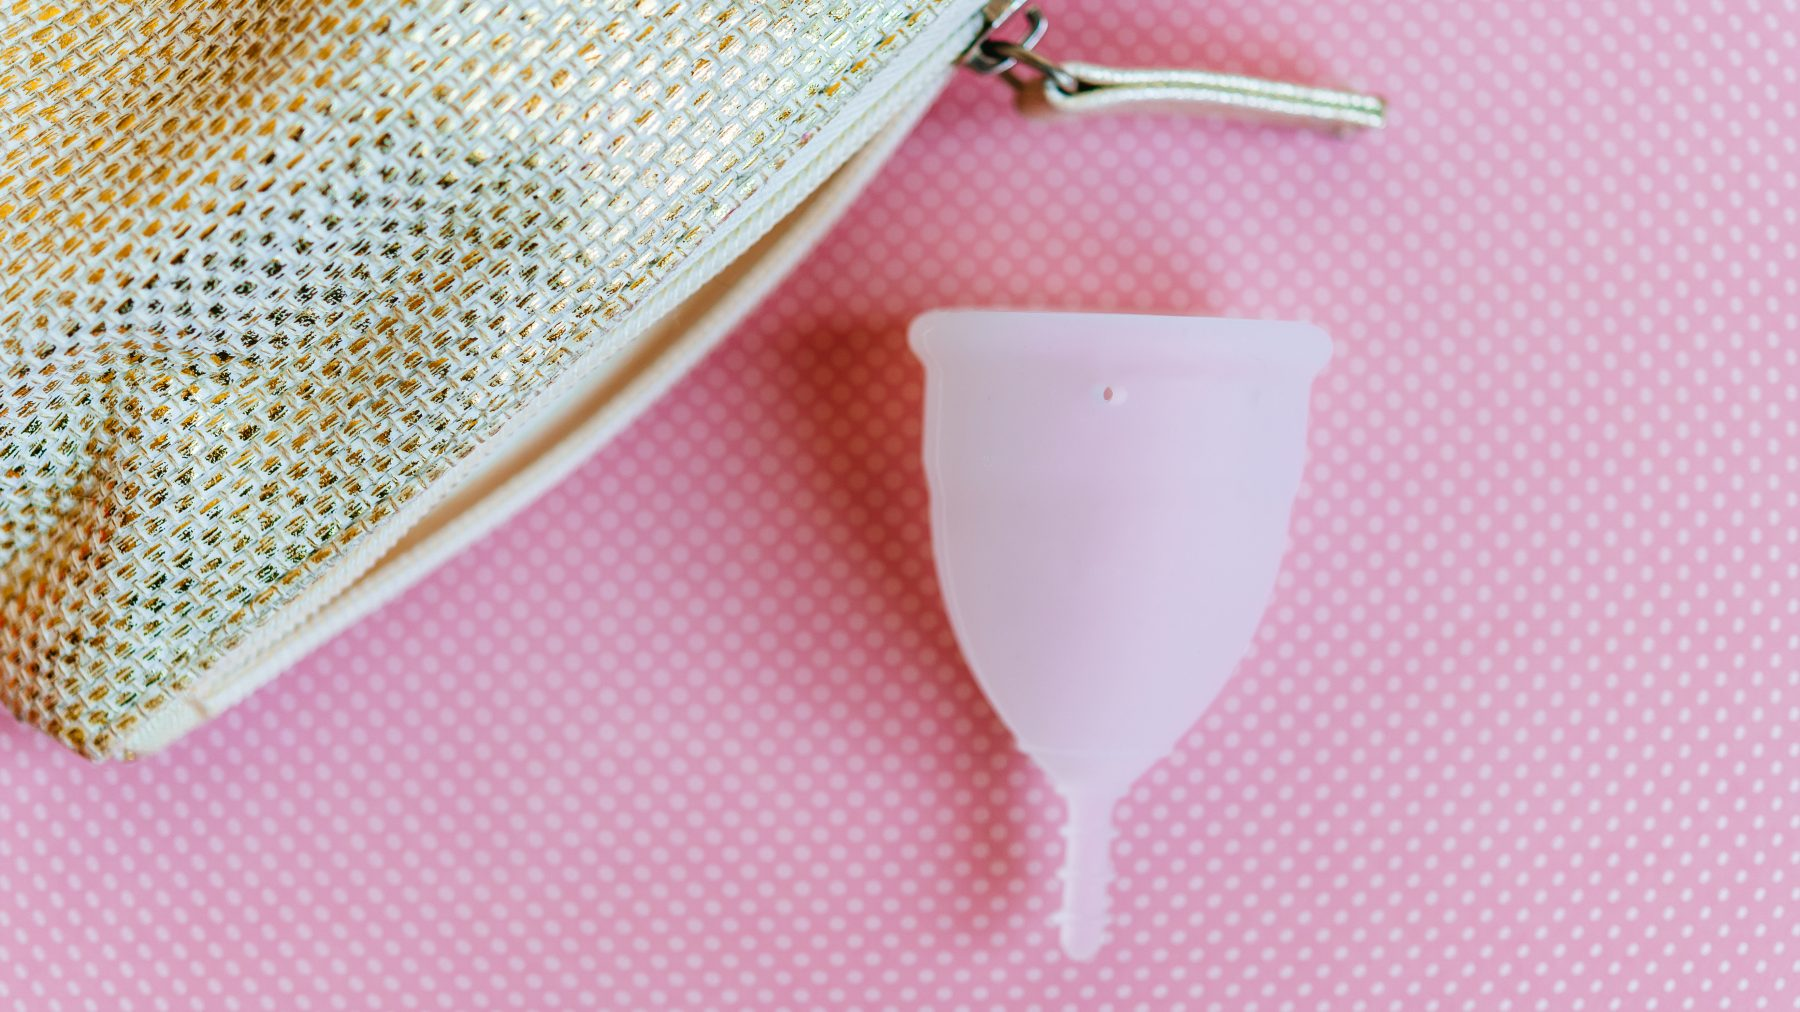 menstruatiecup voordelen nadelen